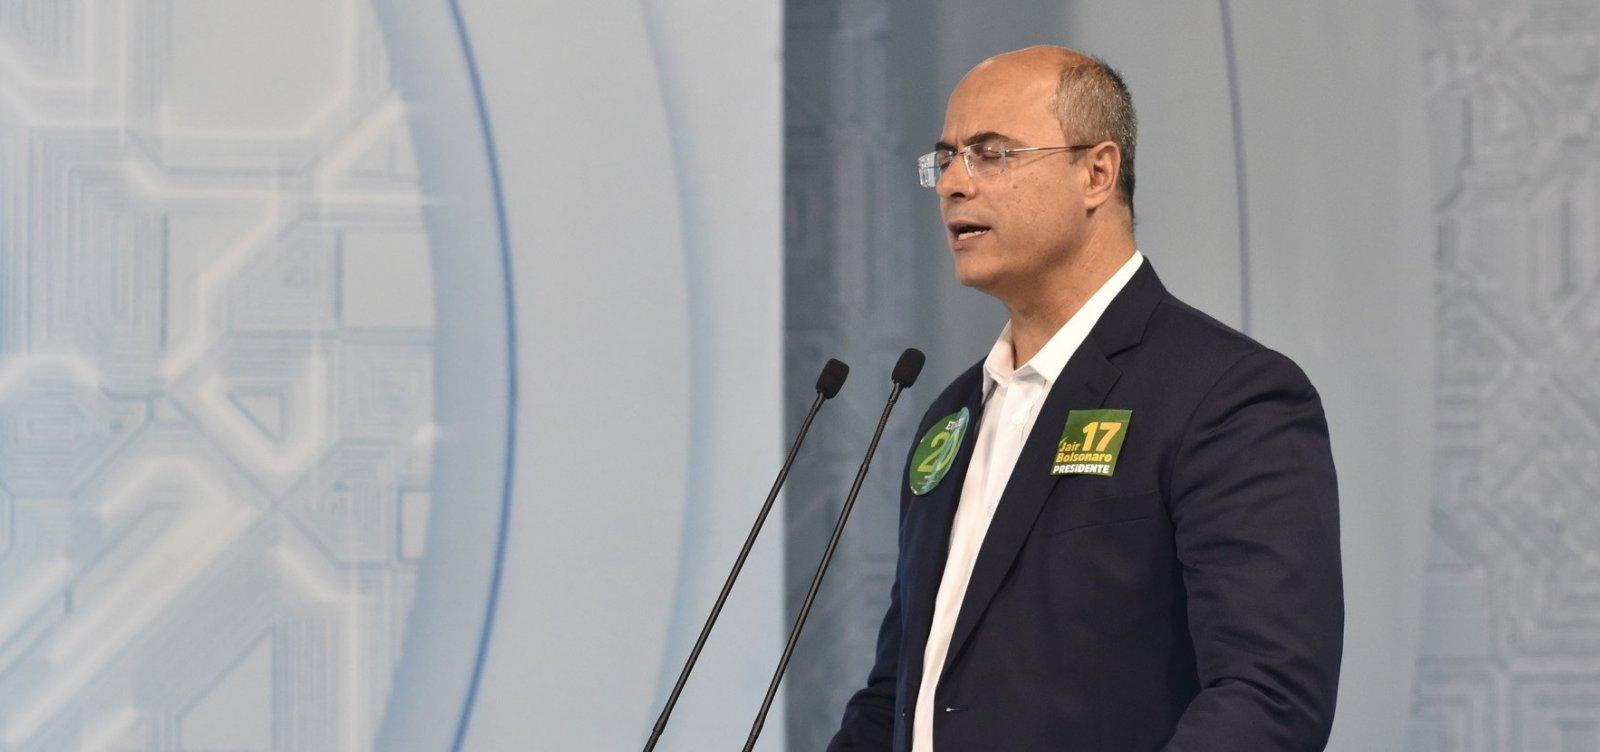 [Governador eleito do Rio quer criar um 'disque corrupção']